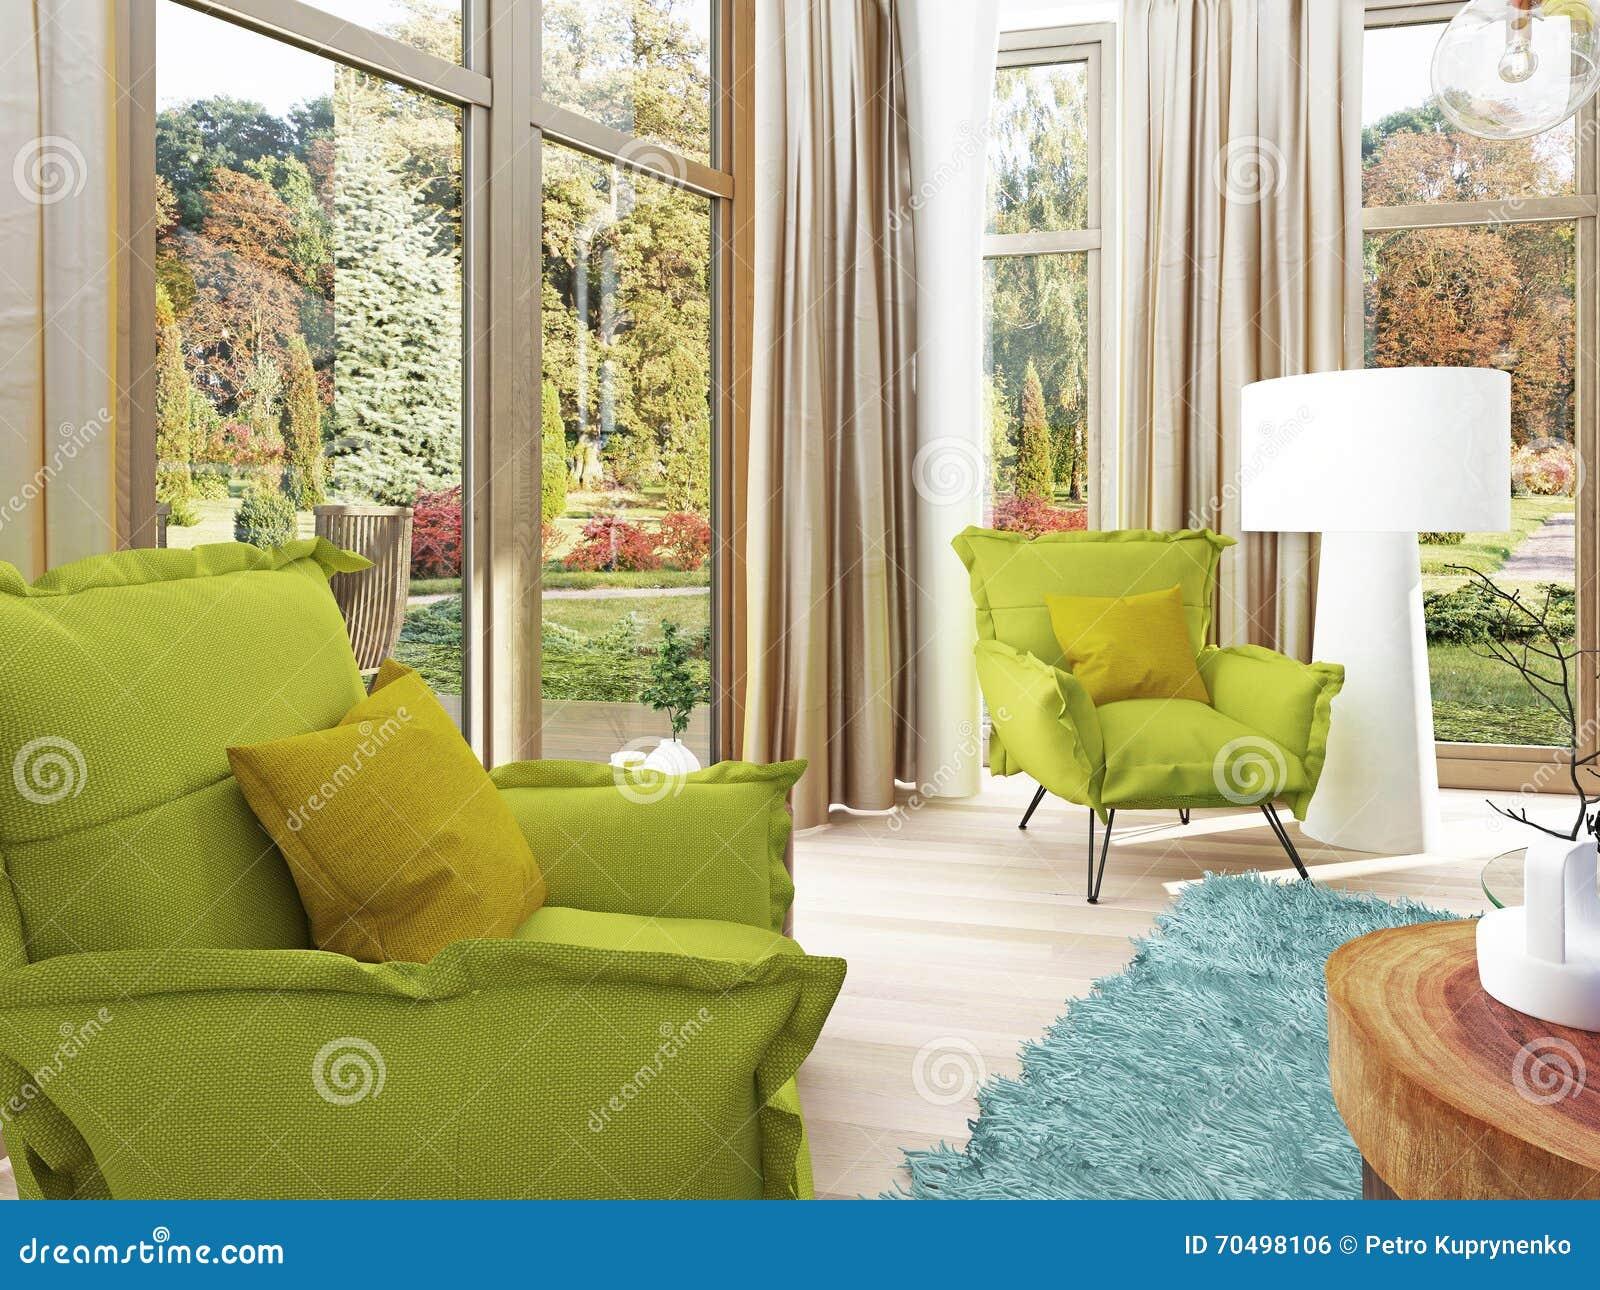 Zeitgenössisches Wohnzimmer Mit Einer Sitzecke Mit Zwei Stühlen ...